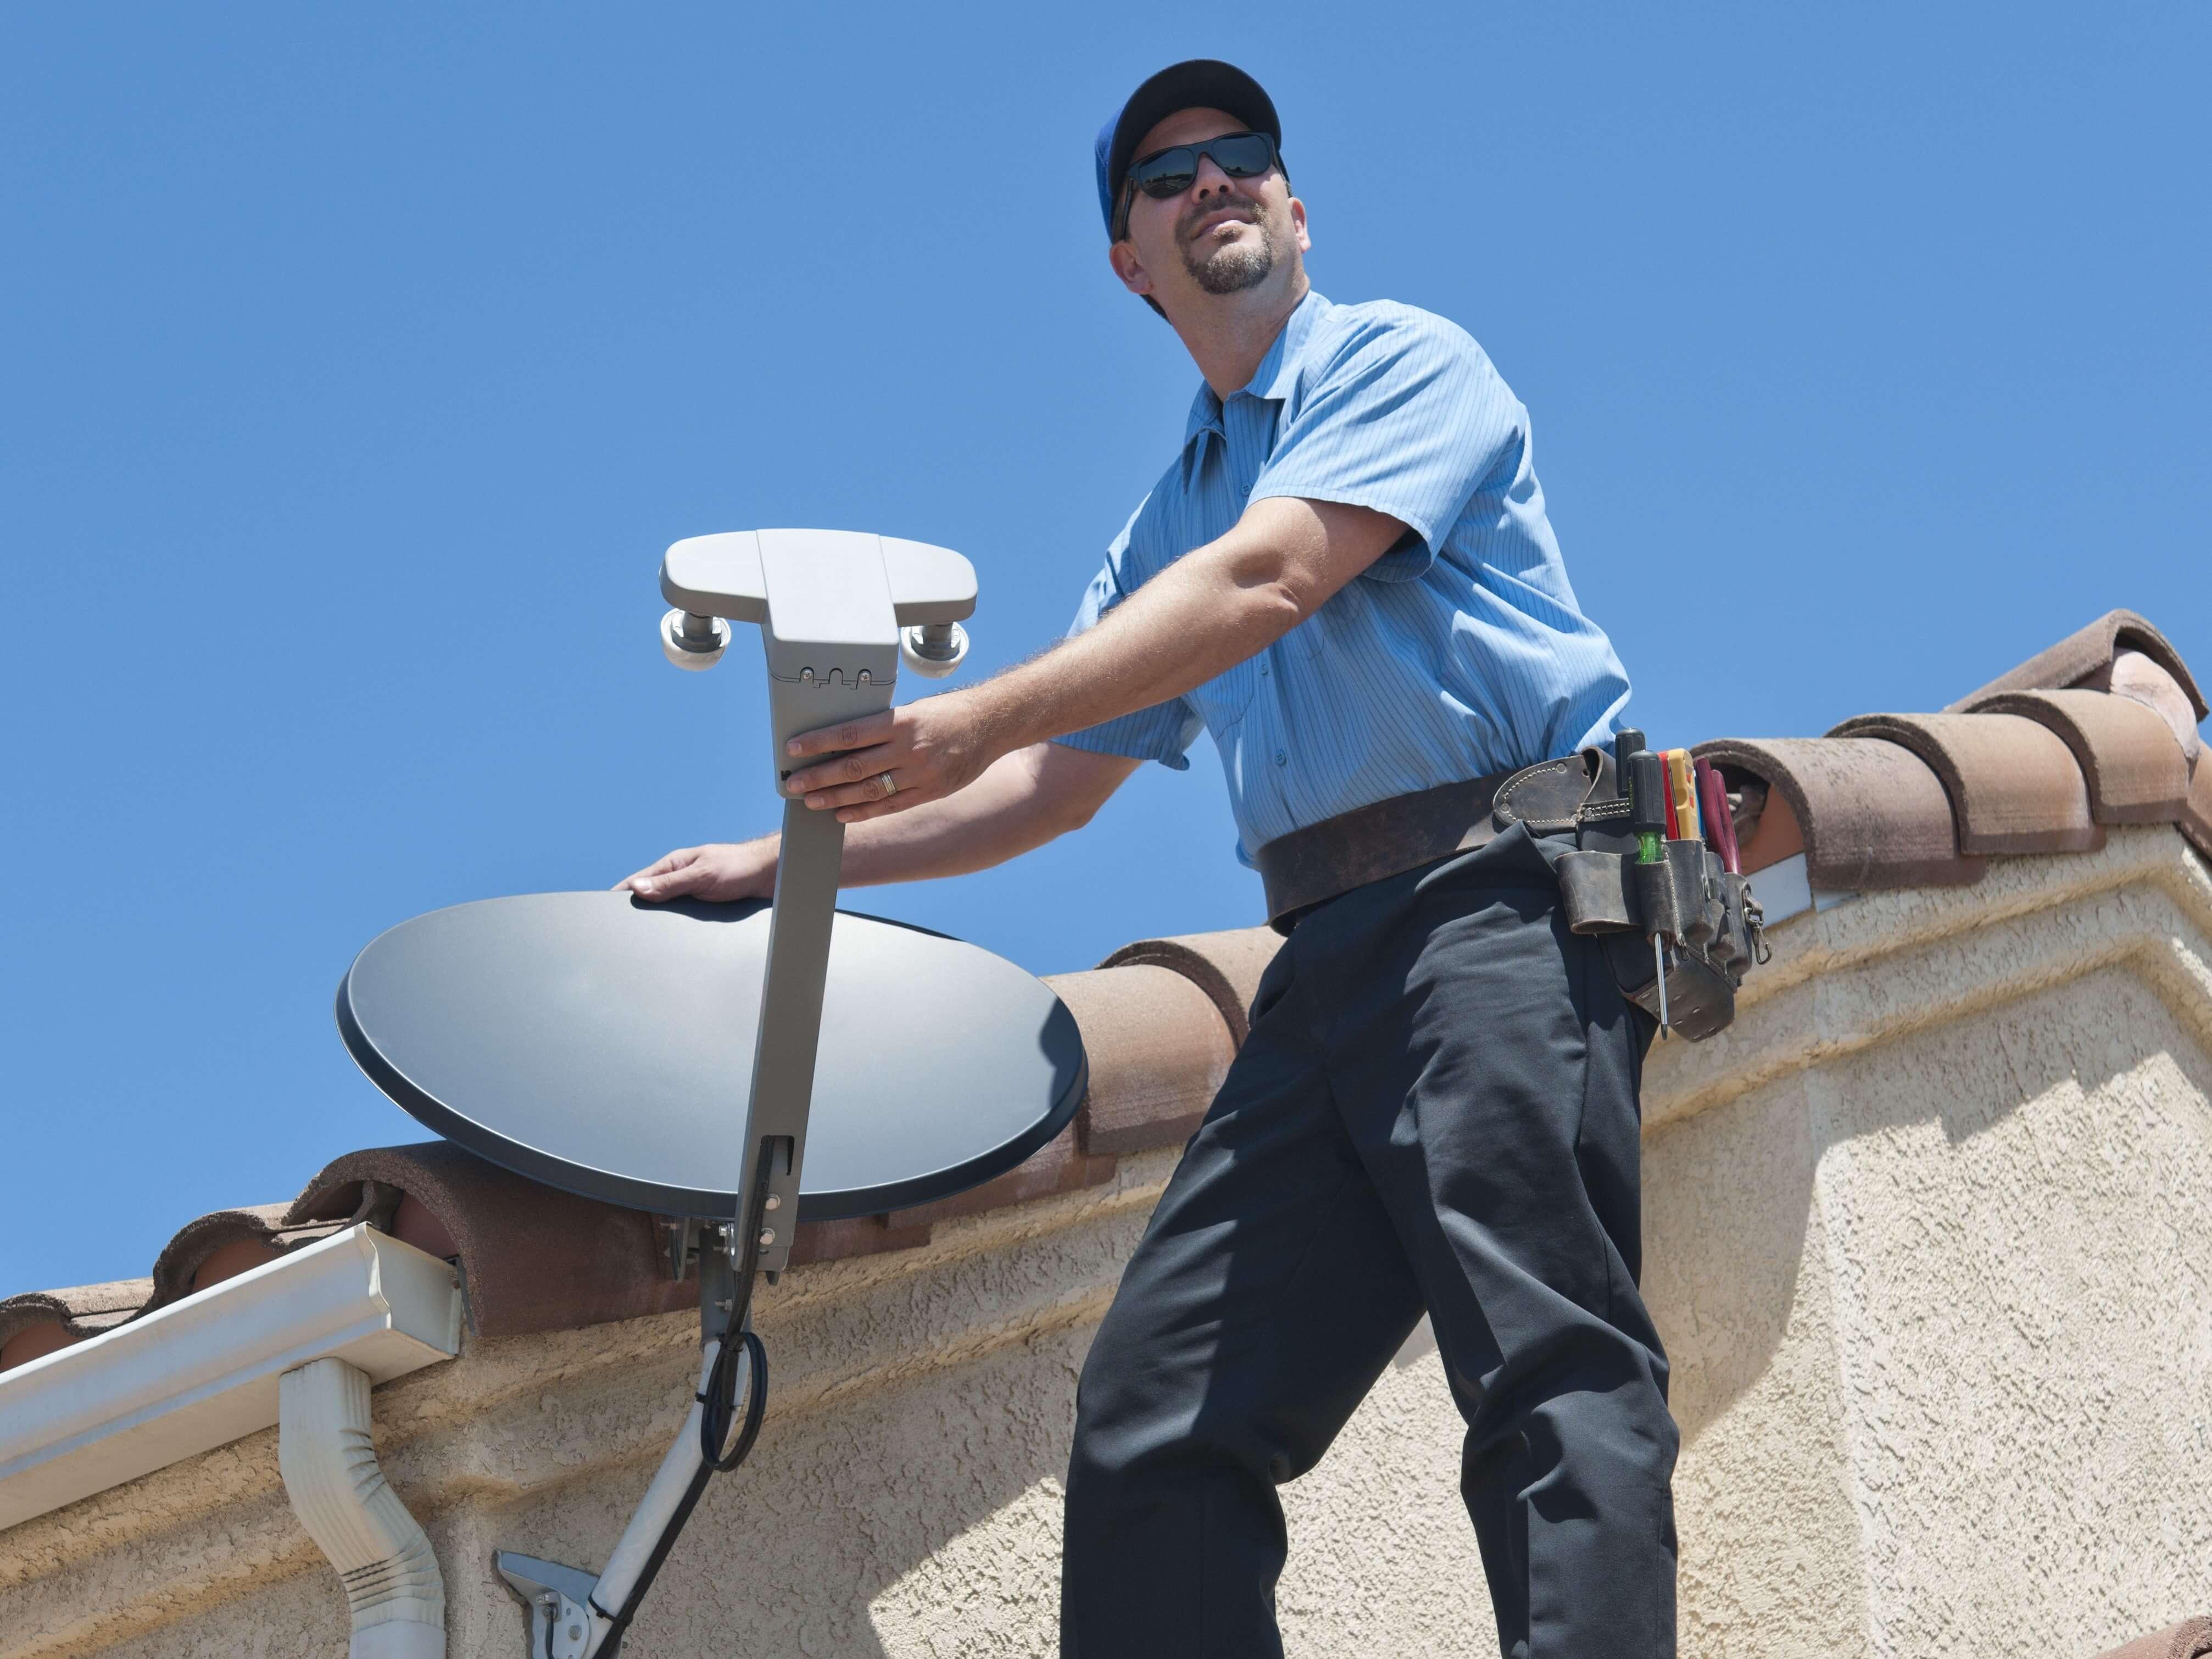 Satellite Installer on Roof